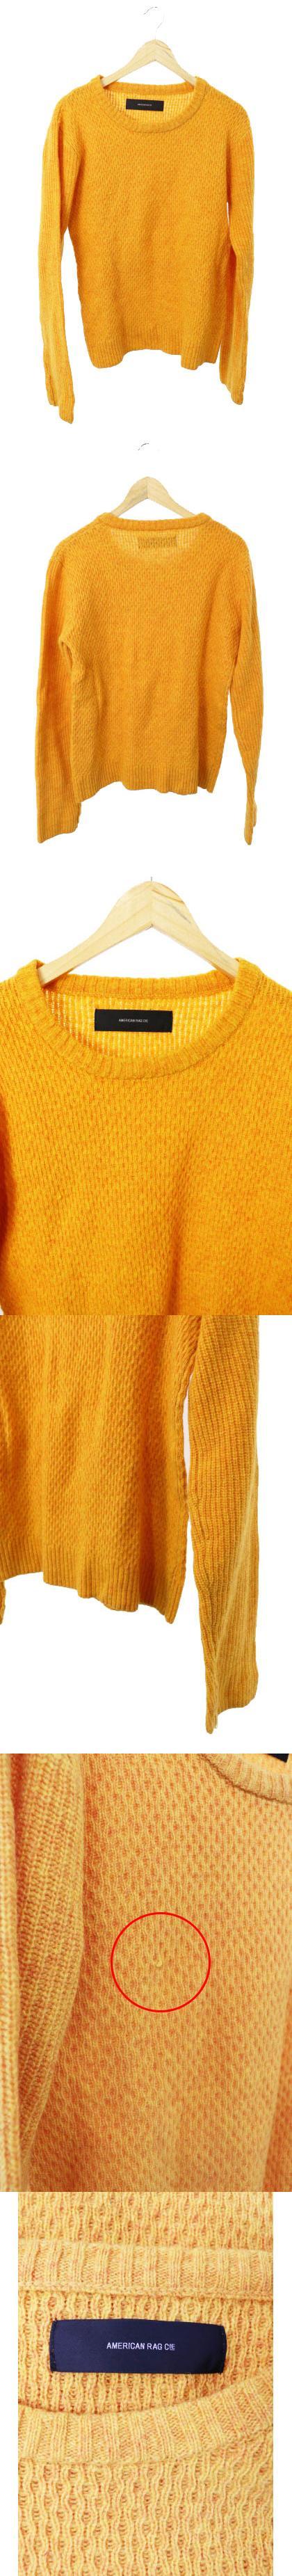 セーター ニット 長袖 クルーネック 編み込み ウール 2 黄色 イエロー /TH11